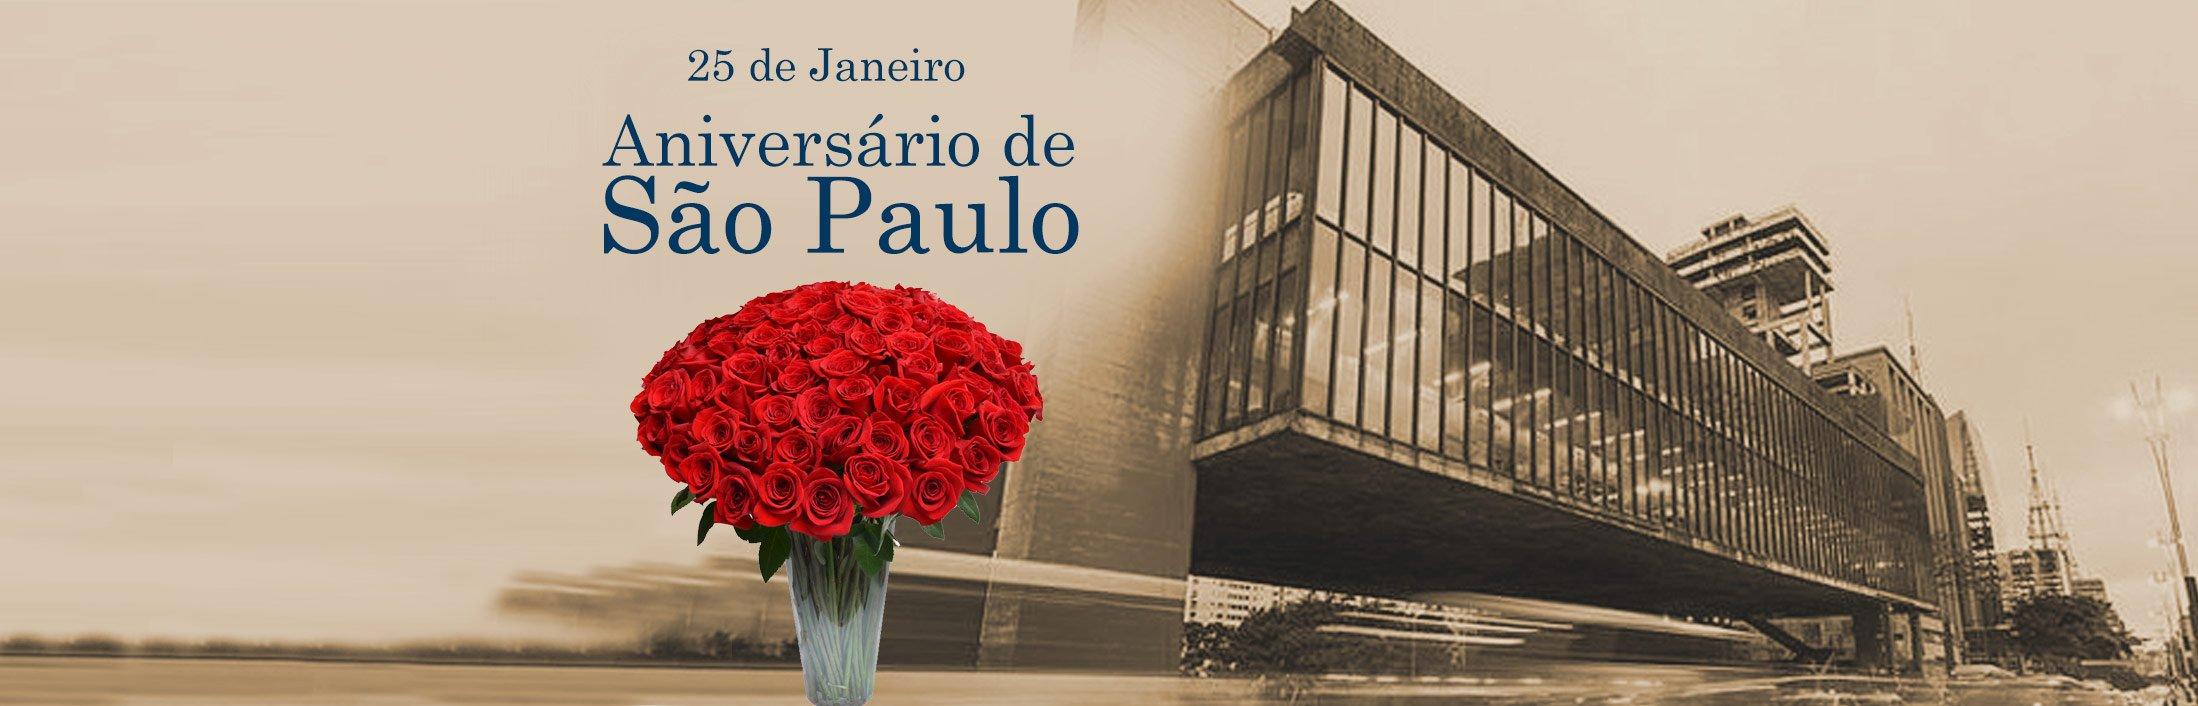 Aniversário de São Paulo